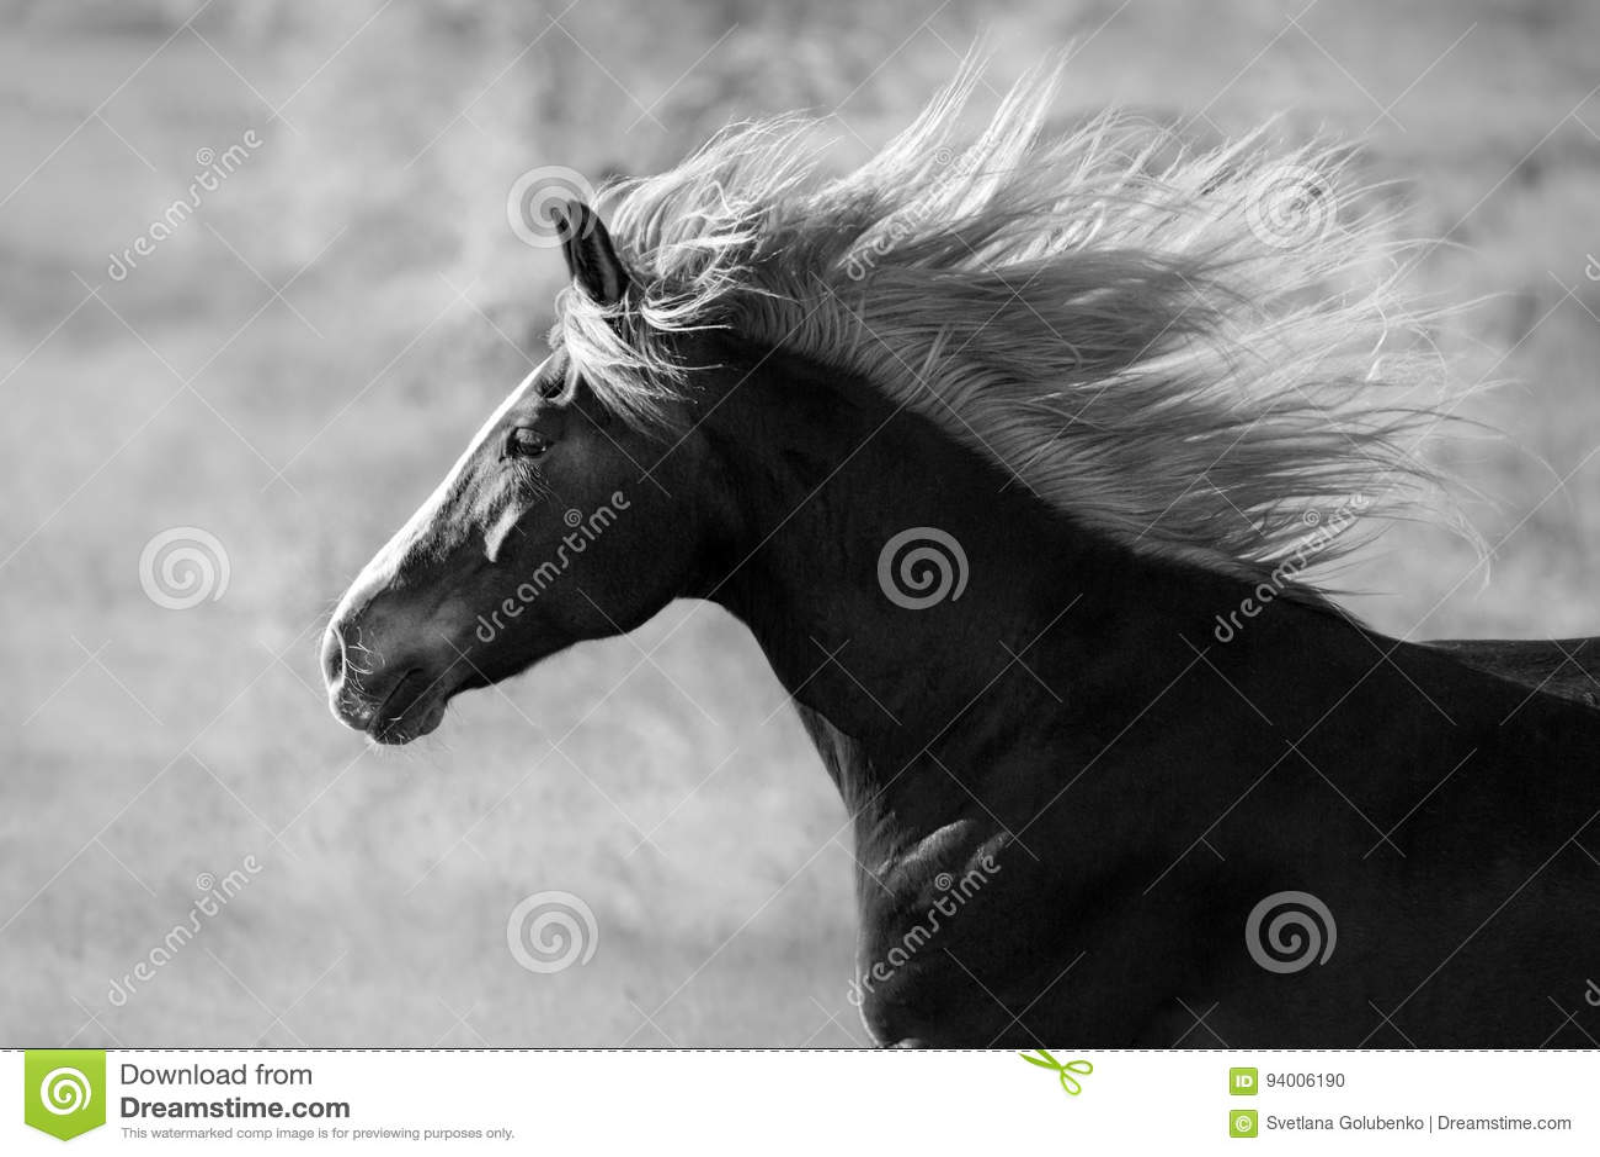 Retrato del caballo con la melena larga